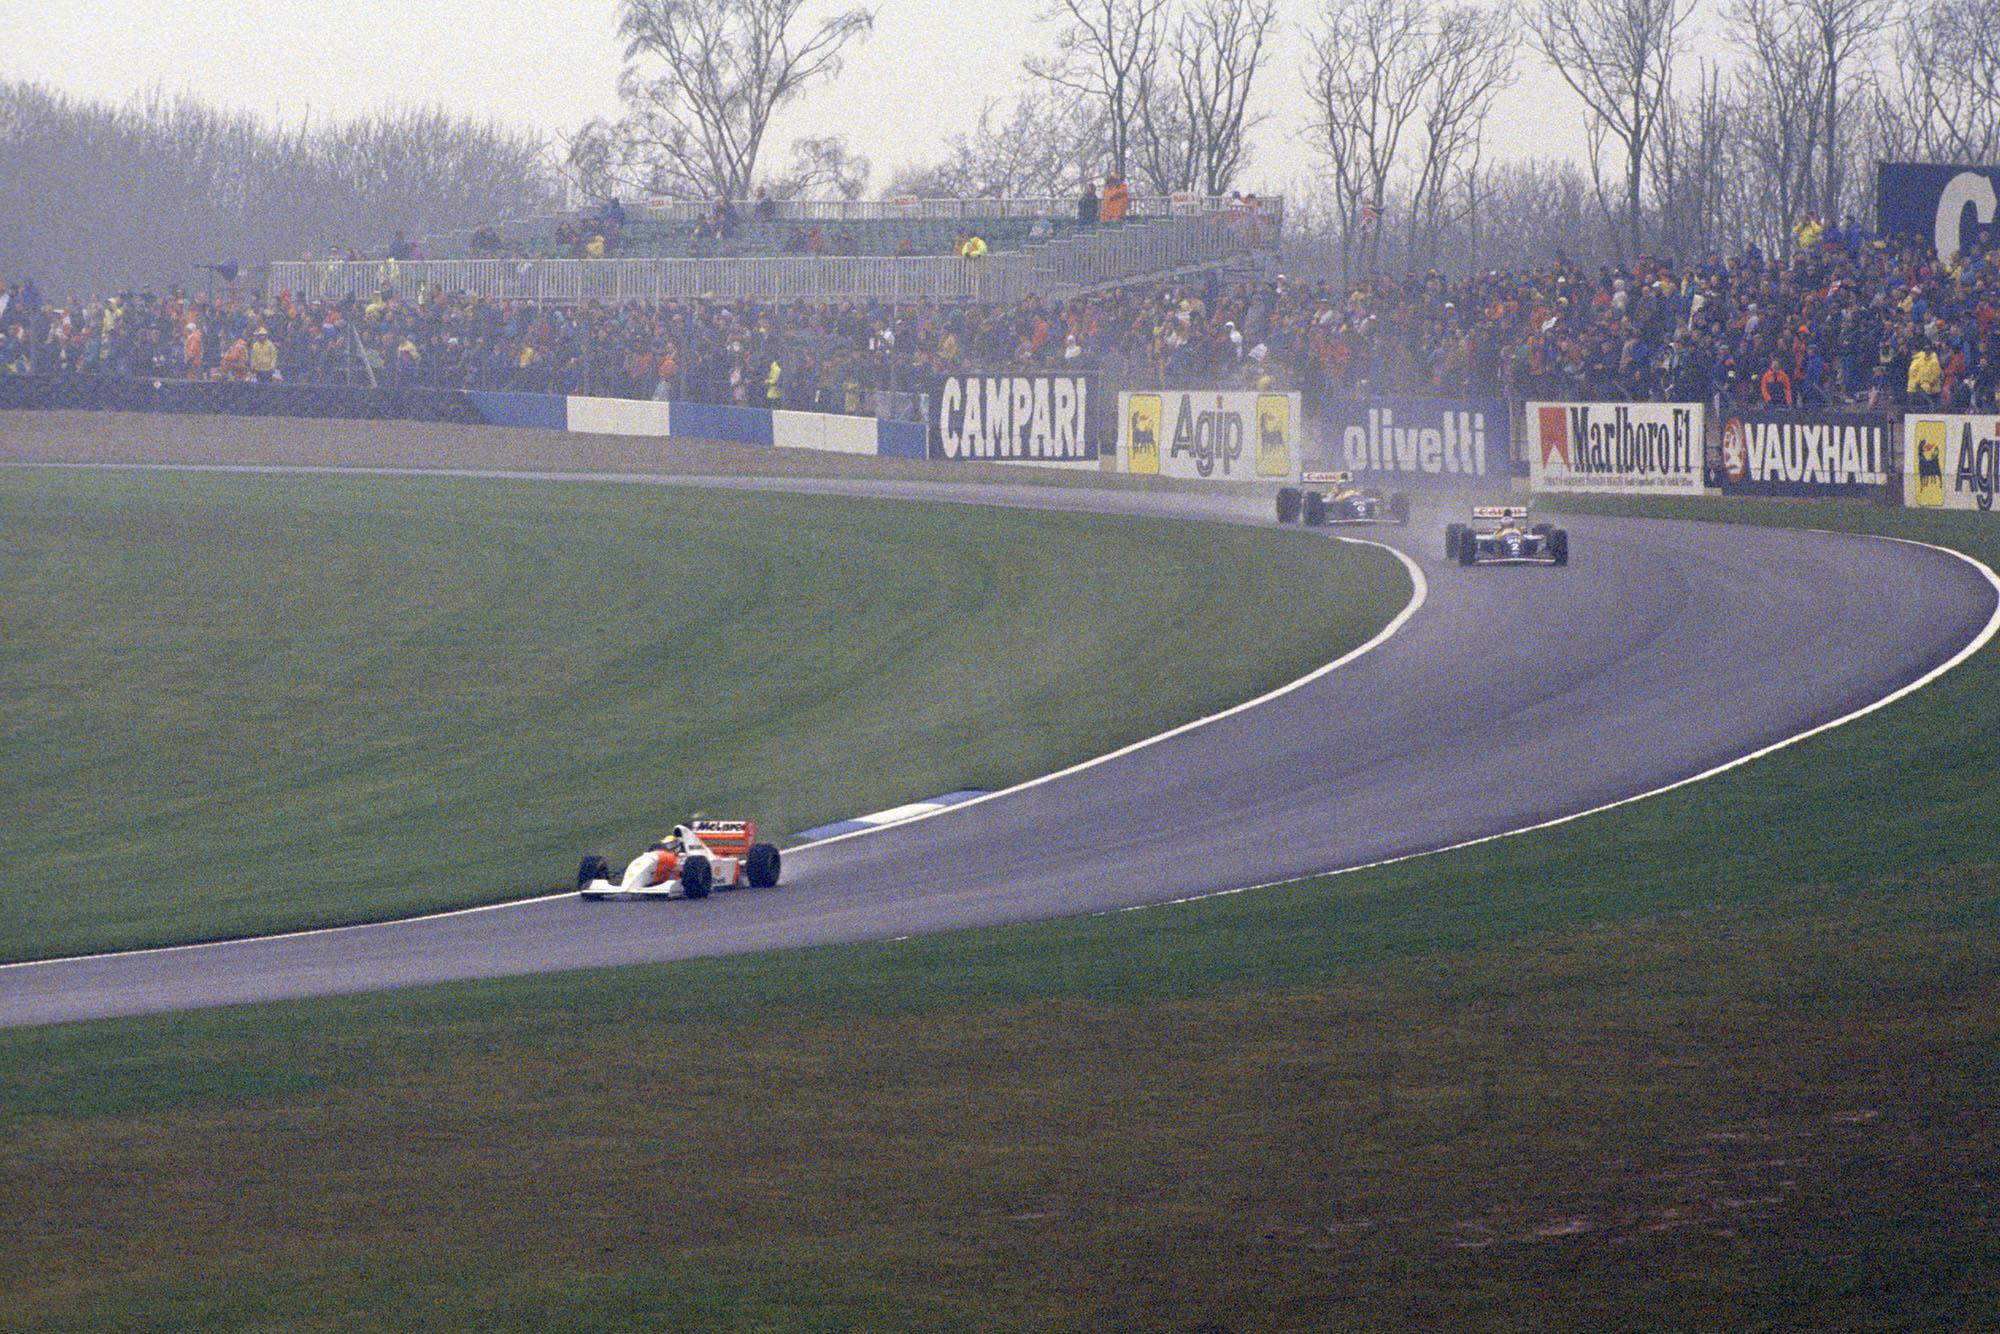 Ayrton Senna pulls out a lead at the 1993 European Grand Prix at Donington